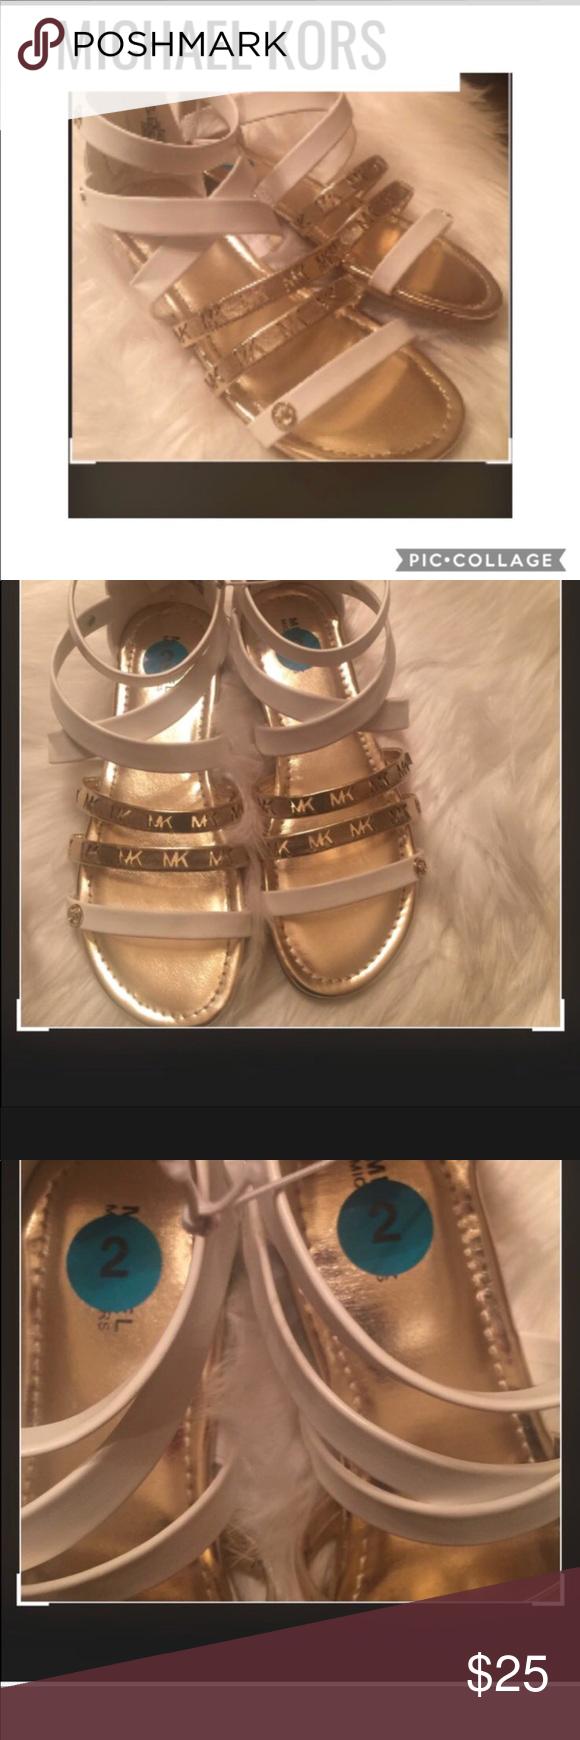 3645bd9af3 MICHAEL KORS GIRLS SANDALS WHITE/GOLD SIZE 2 MICHAEL KORS GLADIATOR SANDALS  WHITE/GOLD